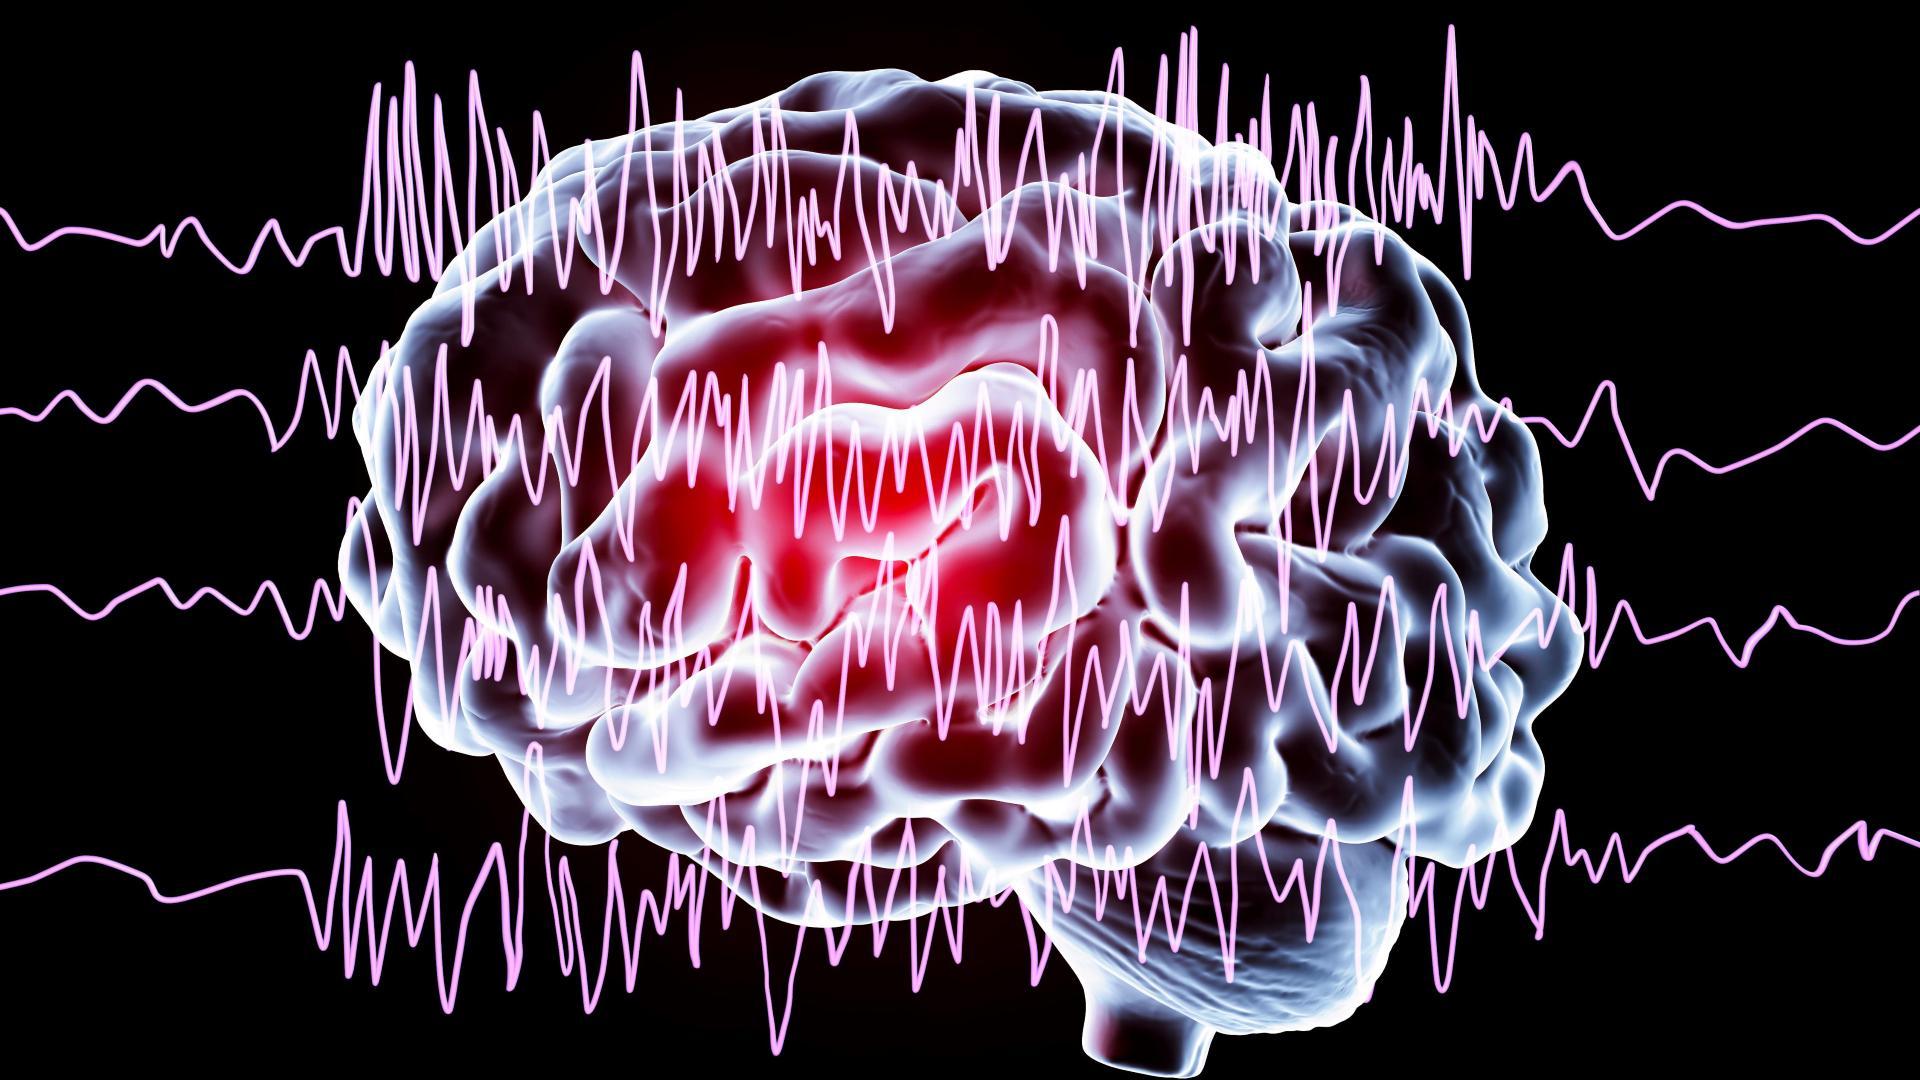 Как улучшить мозг. Выпуск 14. Память при эпилепсии: поможет ли электрический ток?